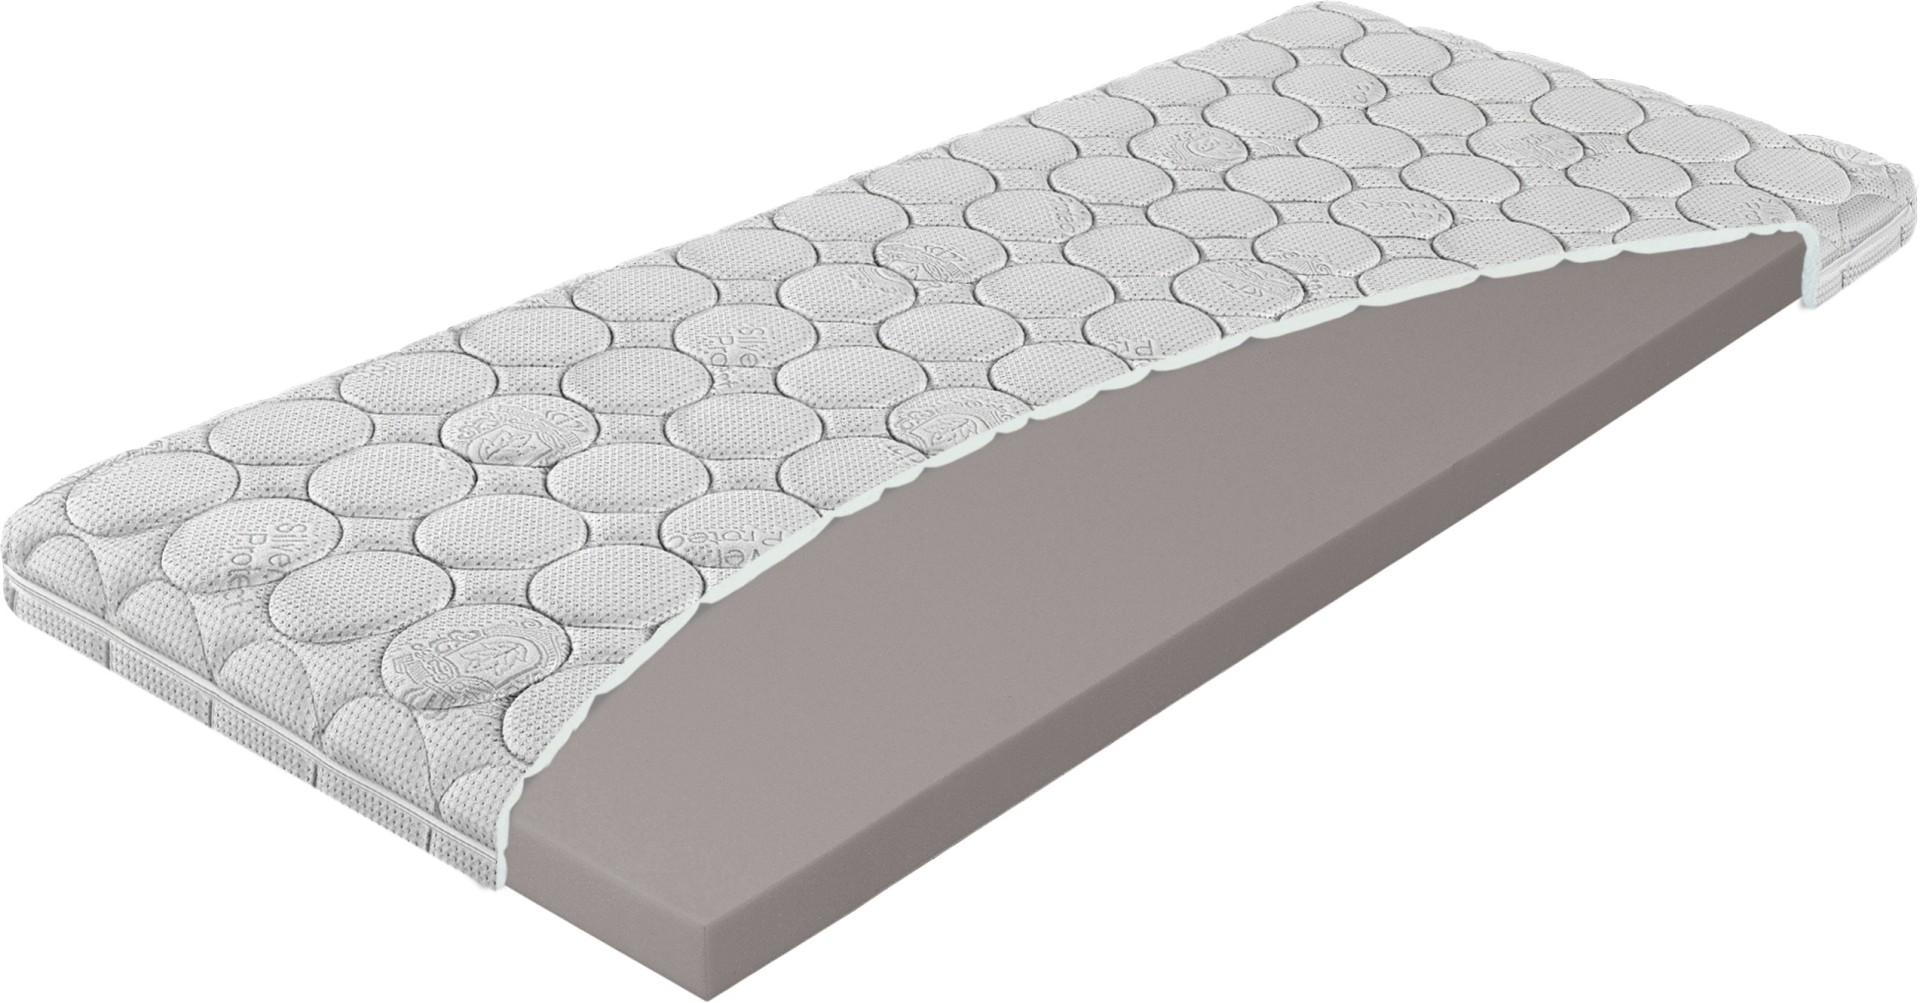 Levně Materasso TOP NIGHTFLY 7 cm - středně tuhá přistýlka v potahu Silver 80 x 220 cm